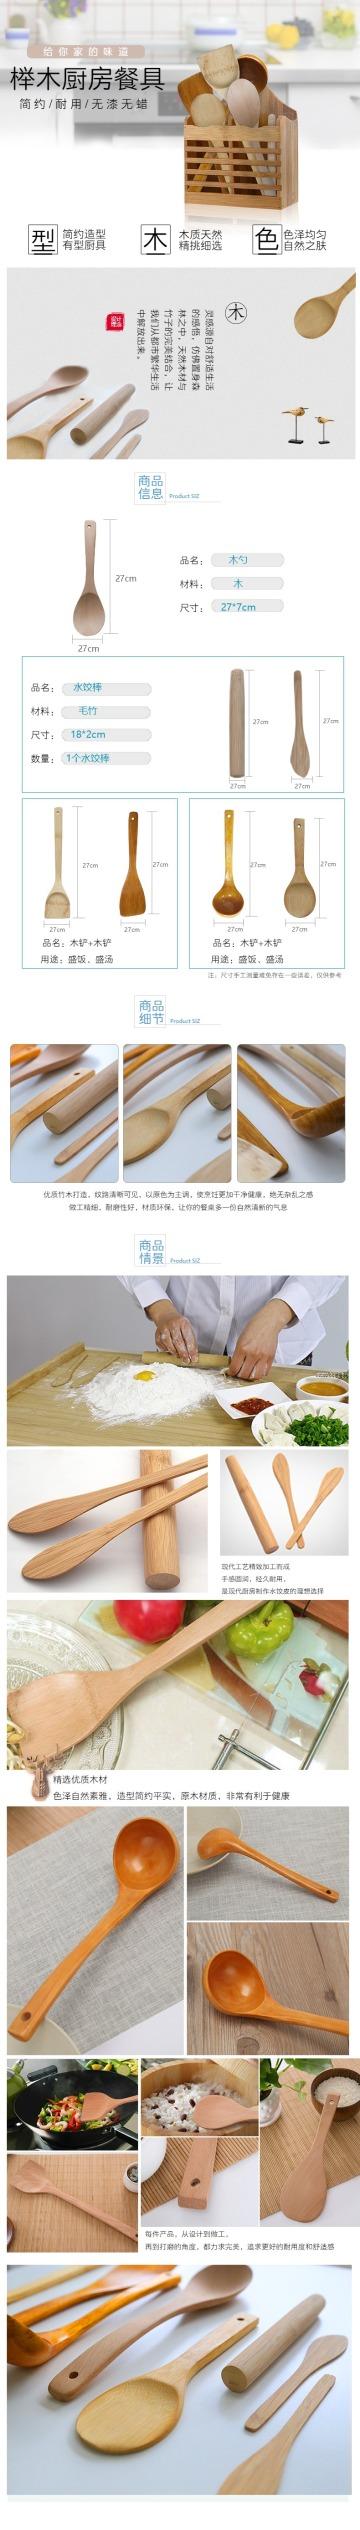 清新简约百货零货家居生活木制餐具促销电商详情页